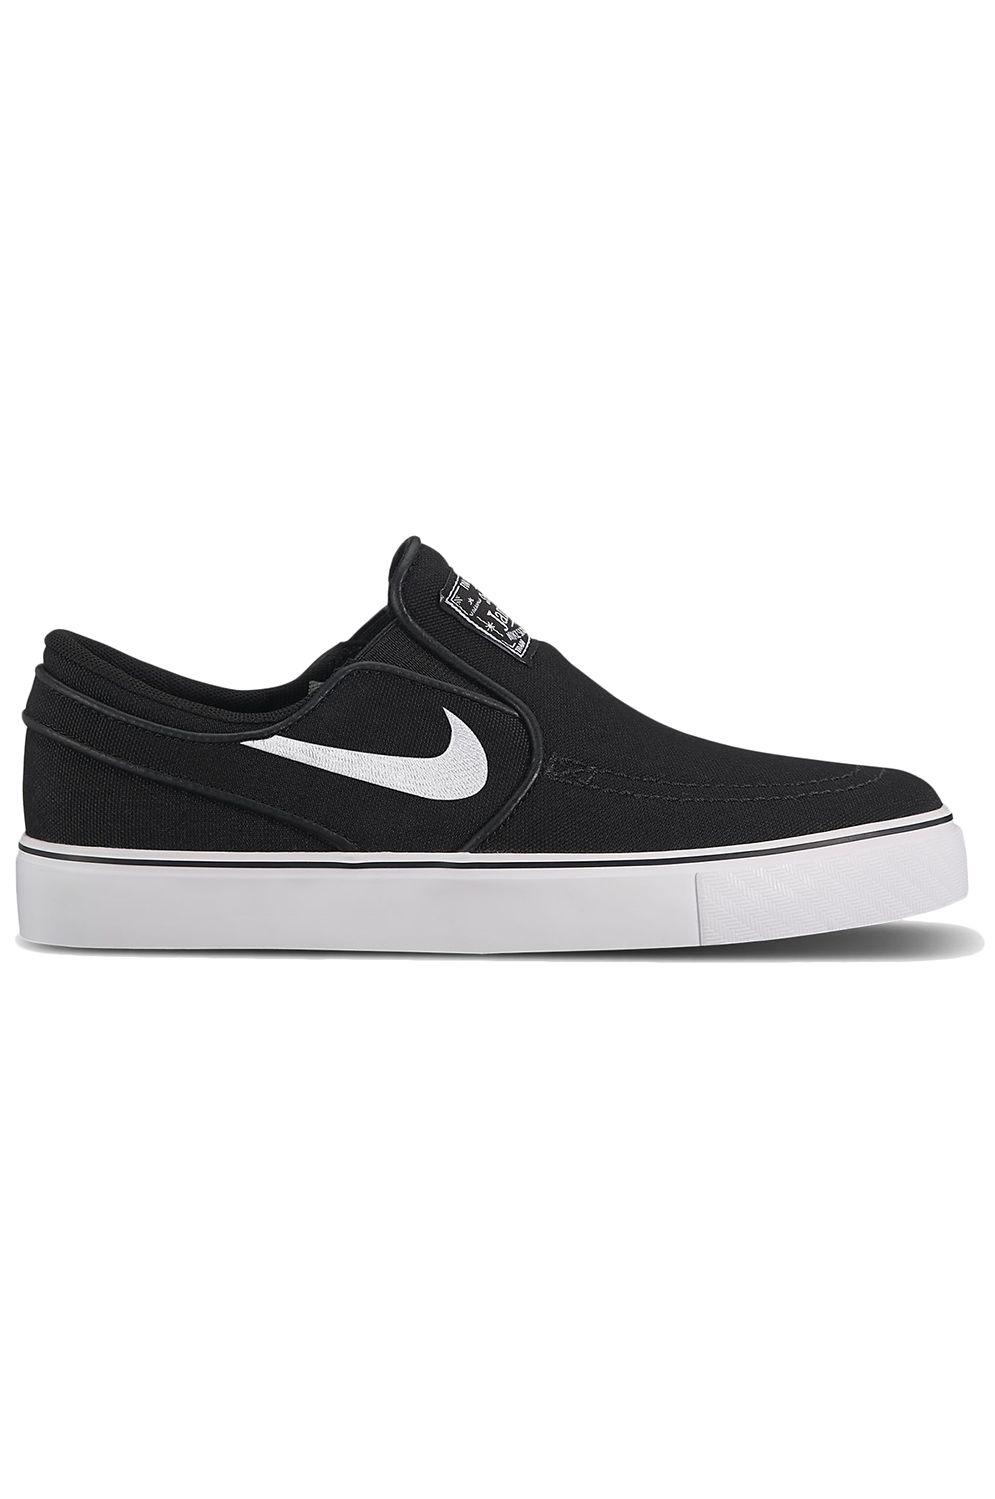 Nike Sb Shoes STEFAN JANOSKI CANVAS SLIP Black/White